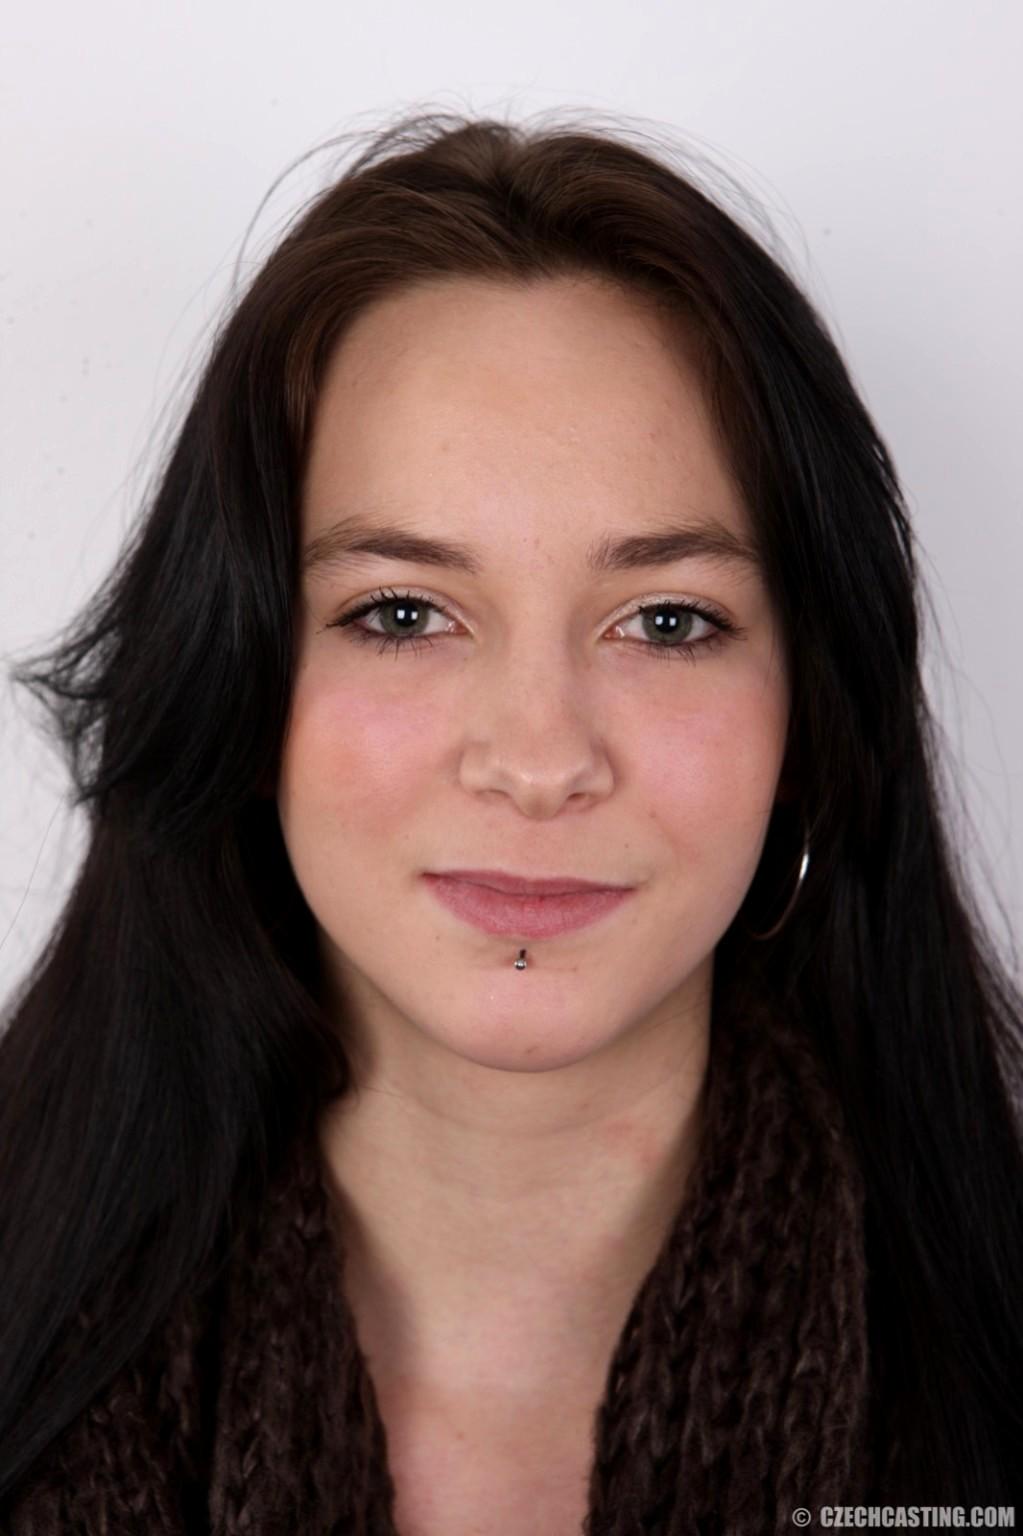 Babe Today Czech Casting Czechcasting Model Okey Teen Xxx